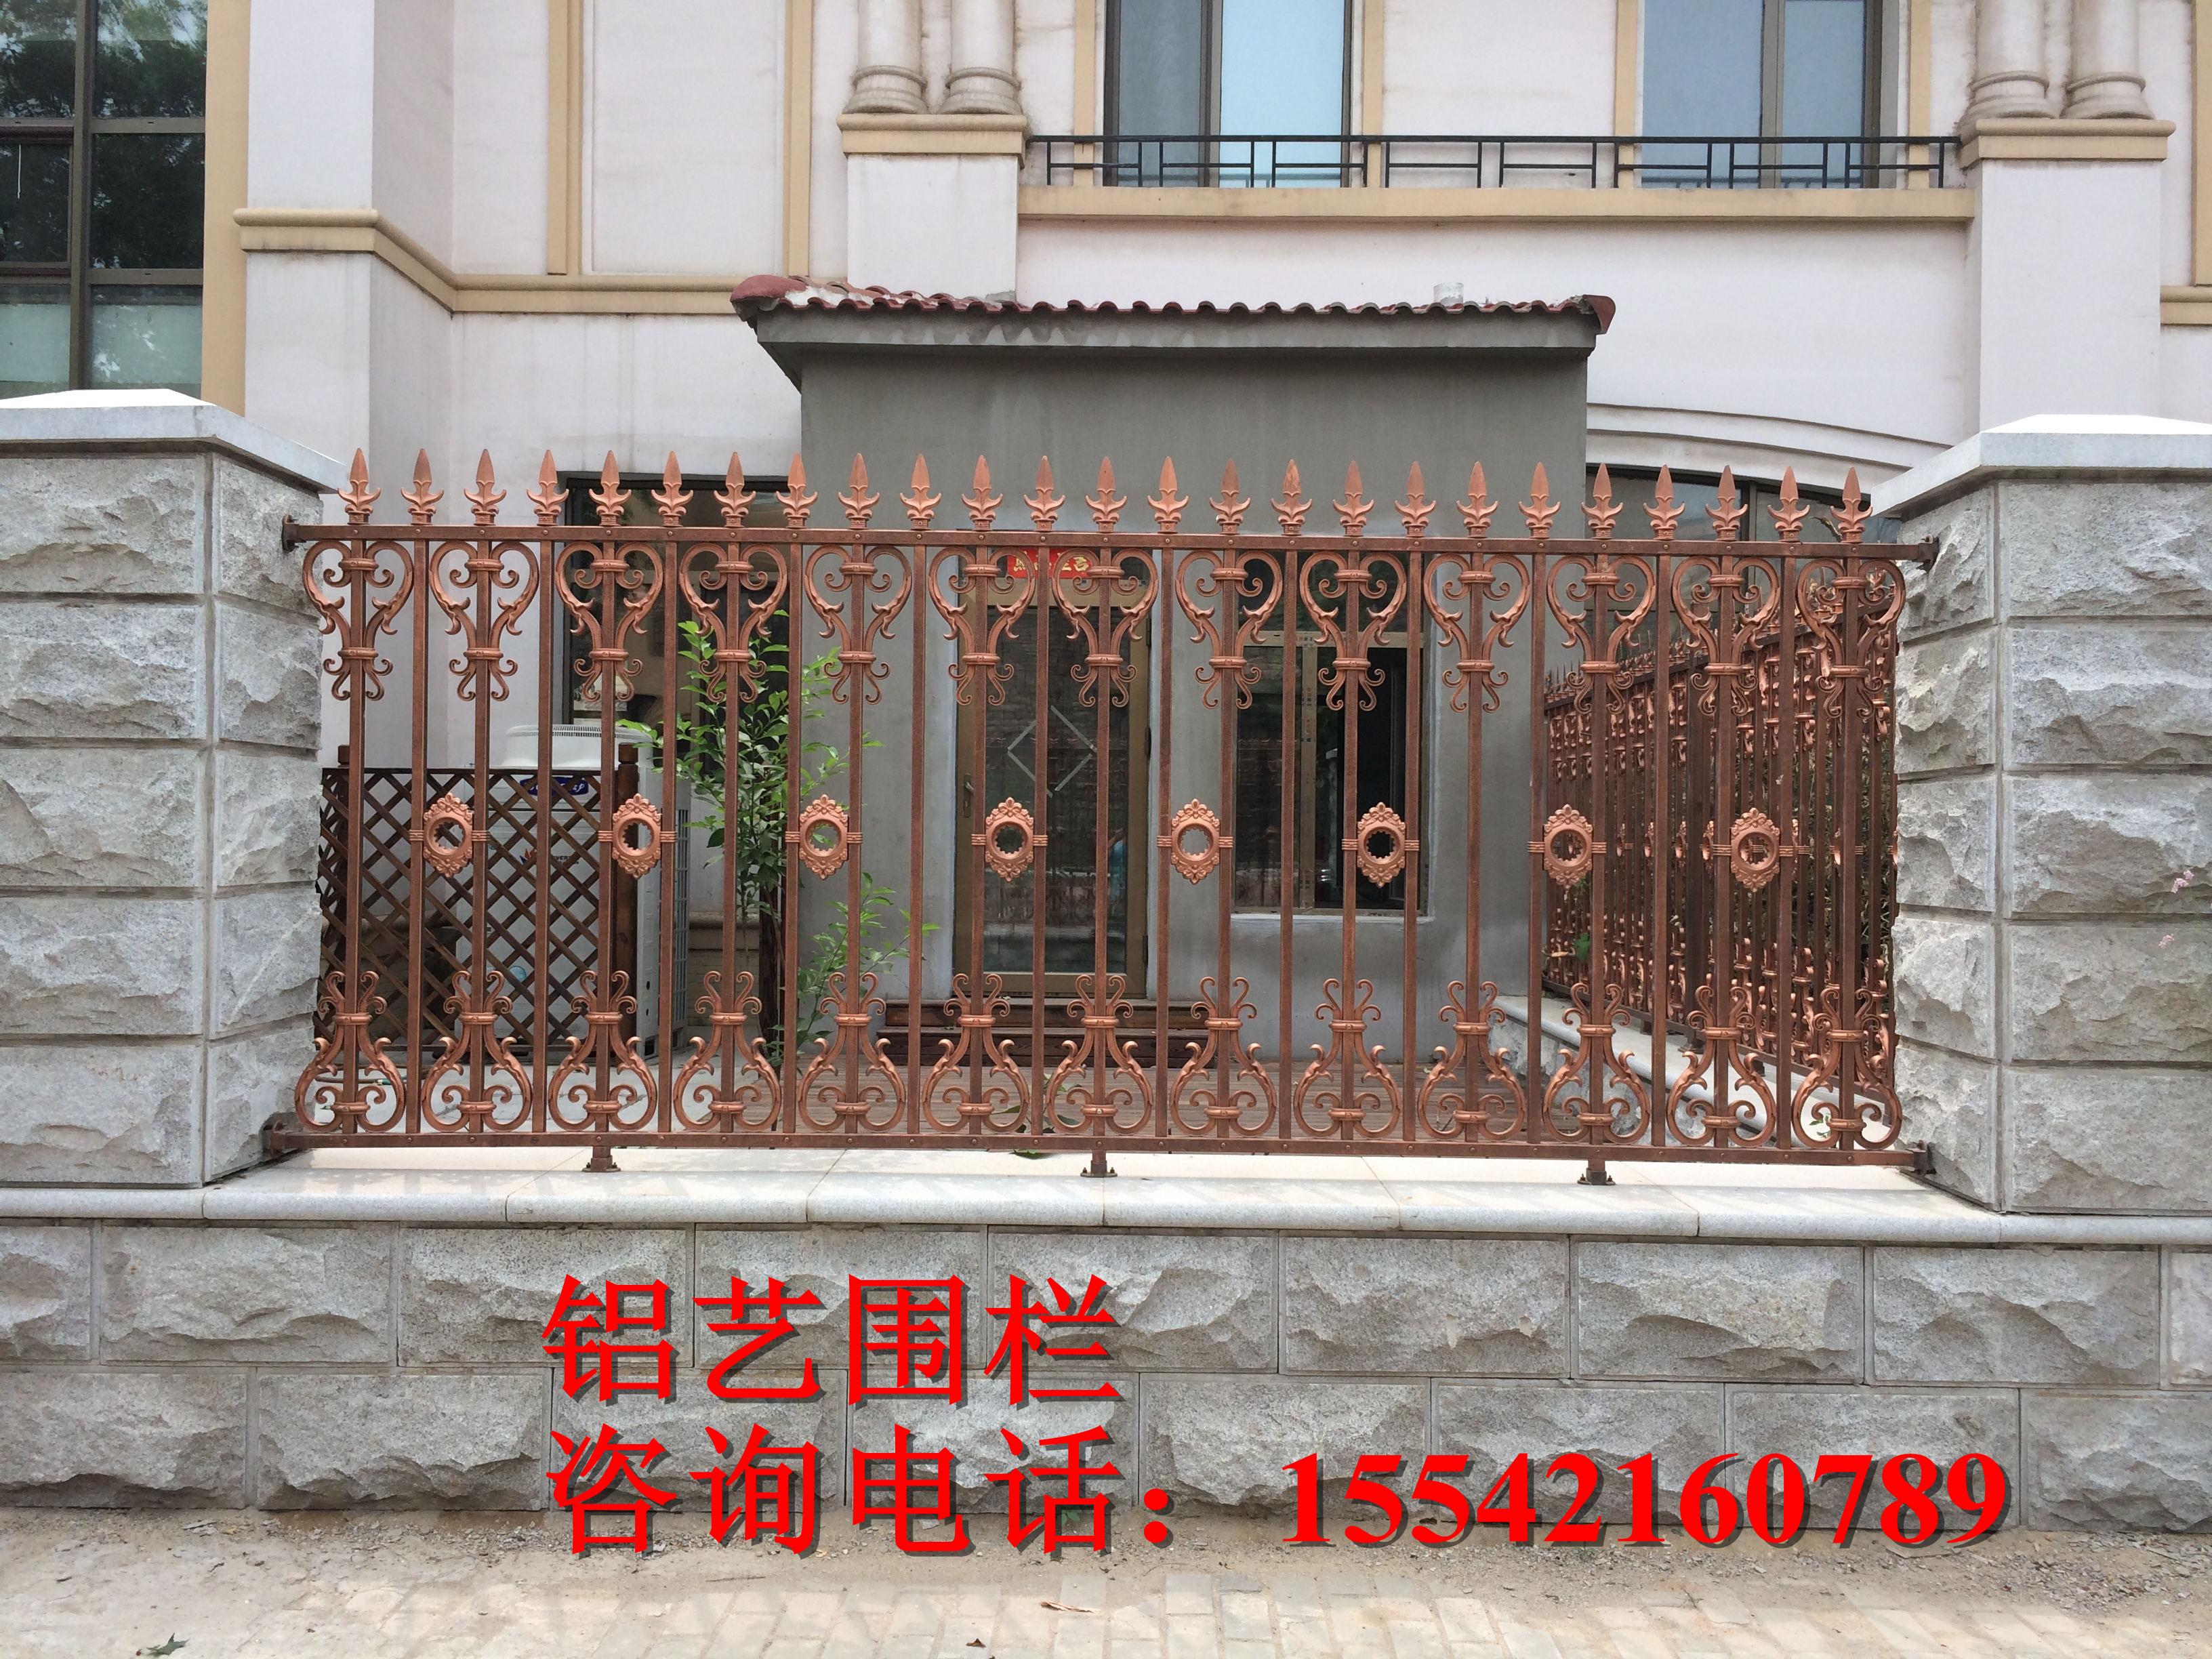 吉林铝艺围栏,吉林 铝艺护栏 定制批发 258.com企业